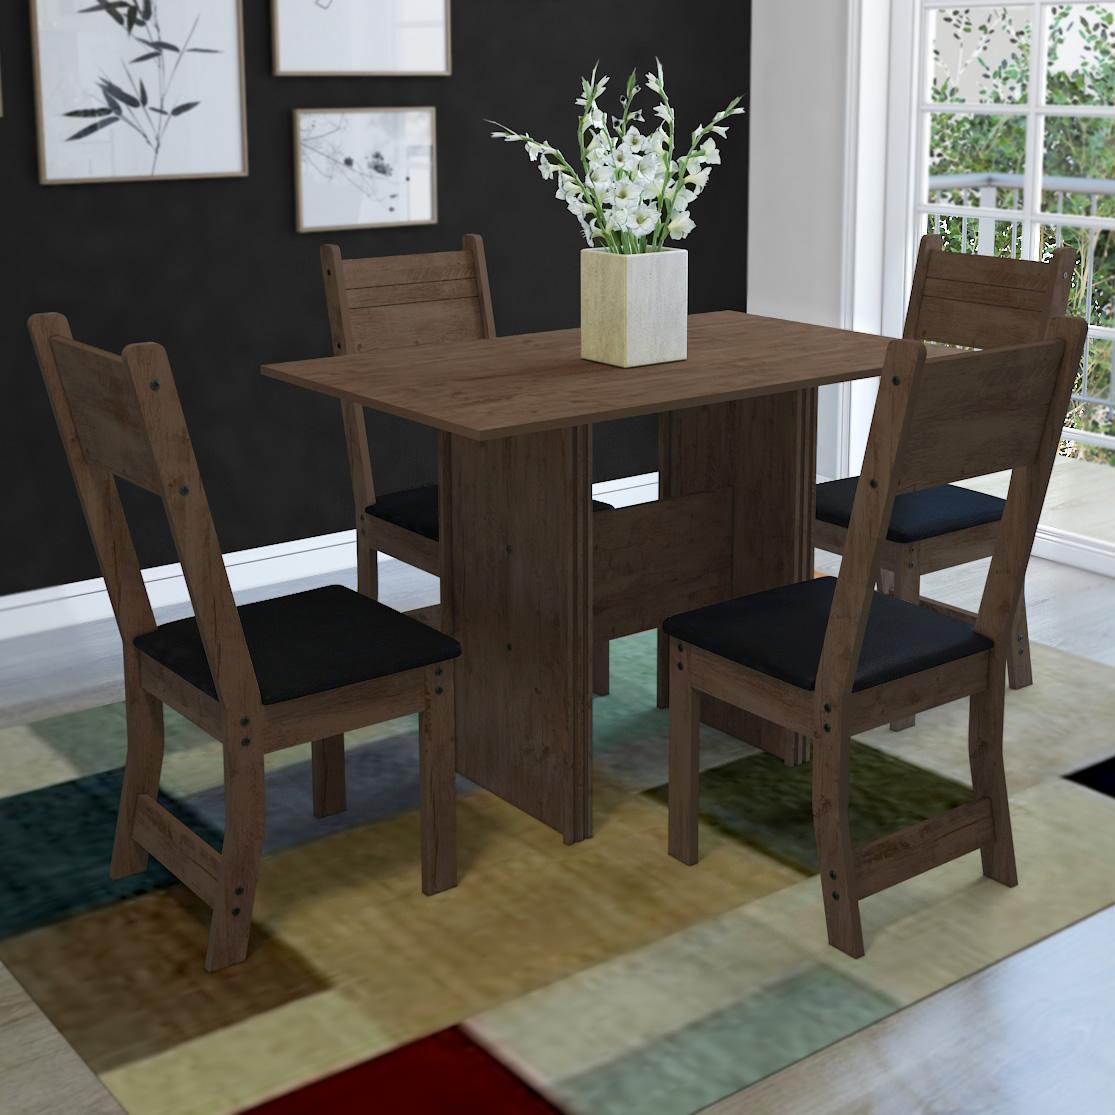 Conjunto Mesa de Jantar Sevilha Mesa com 4 cadeiras 110x68cm Marrom e Preto